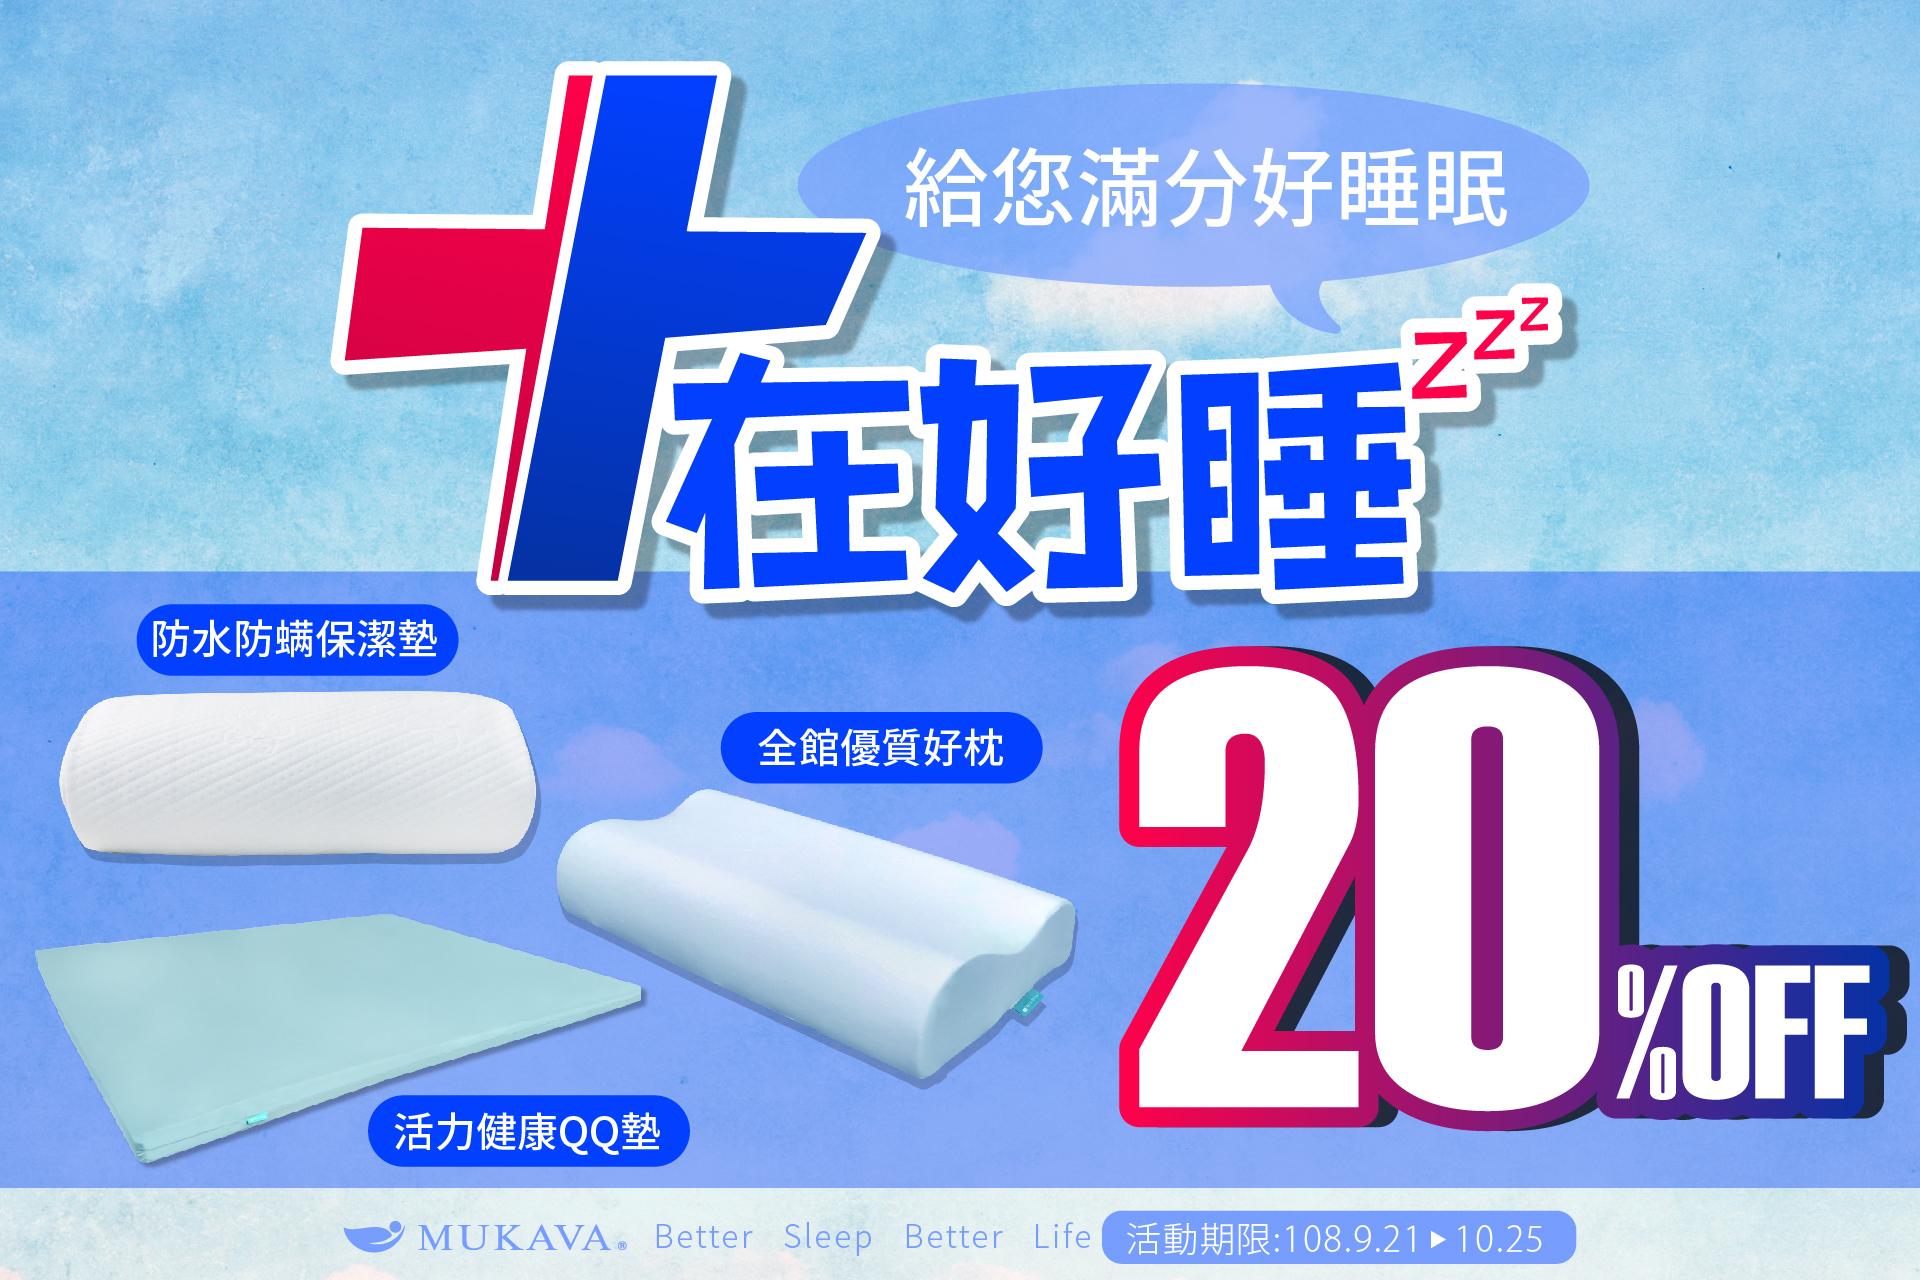 枕頭,記憶枕,乳膠枕,兒童枕,乳膠墊,薄床墊,保潔墊,防水墊,防蹣抗菌